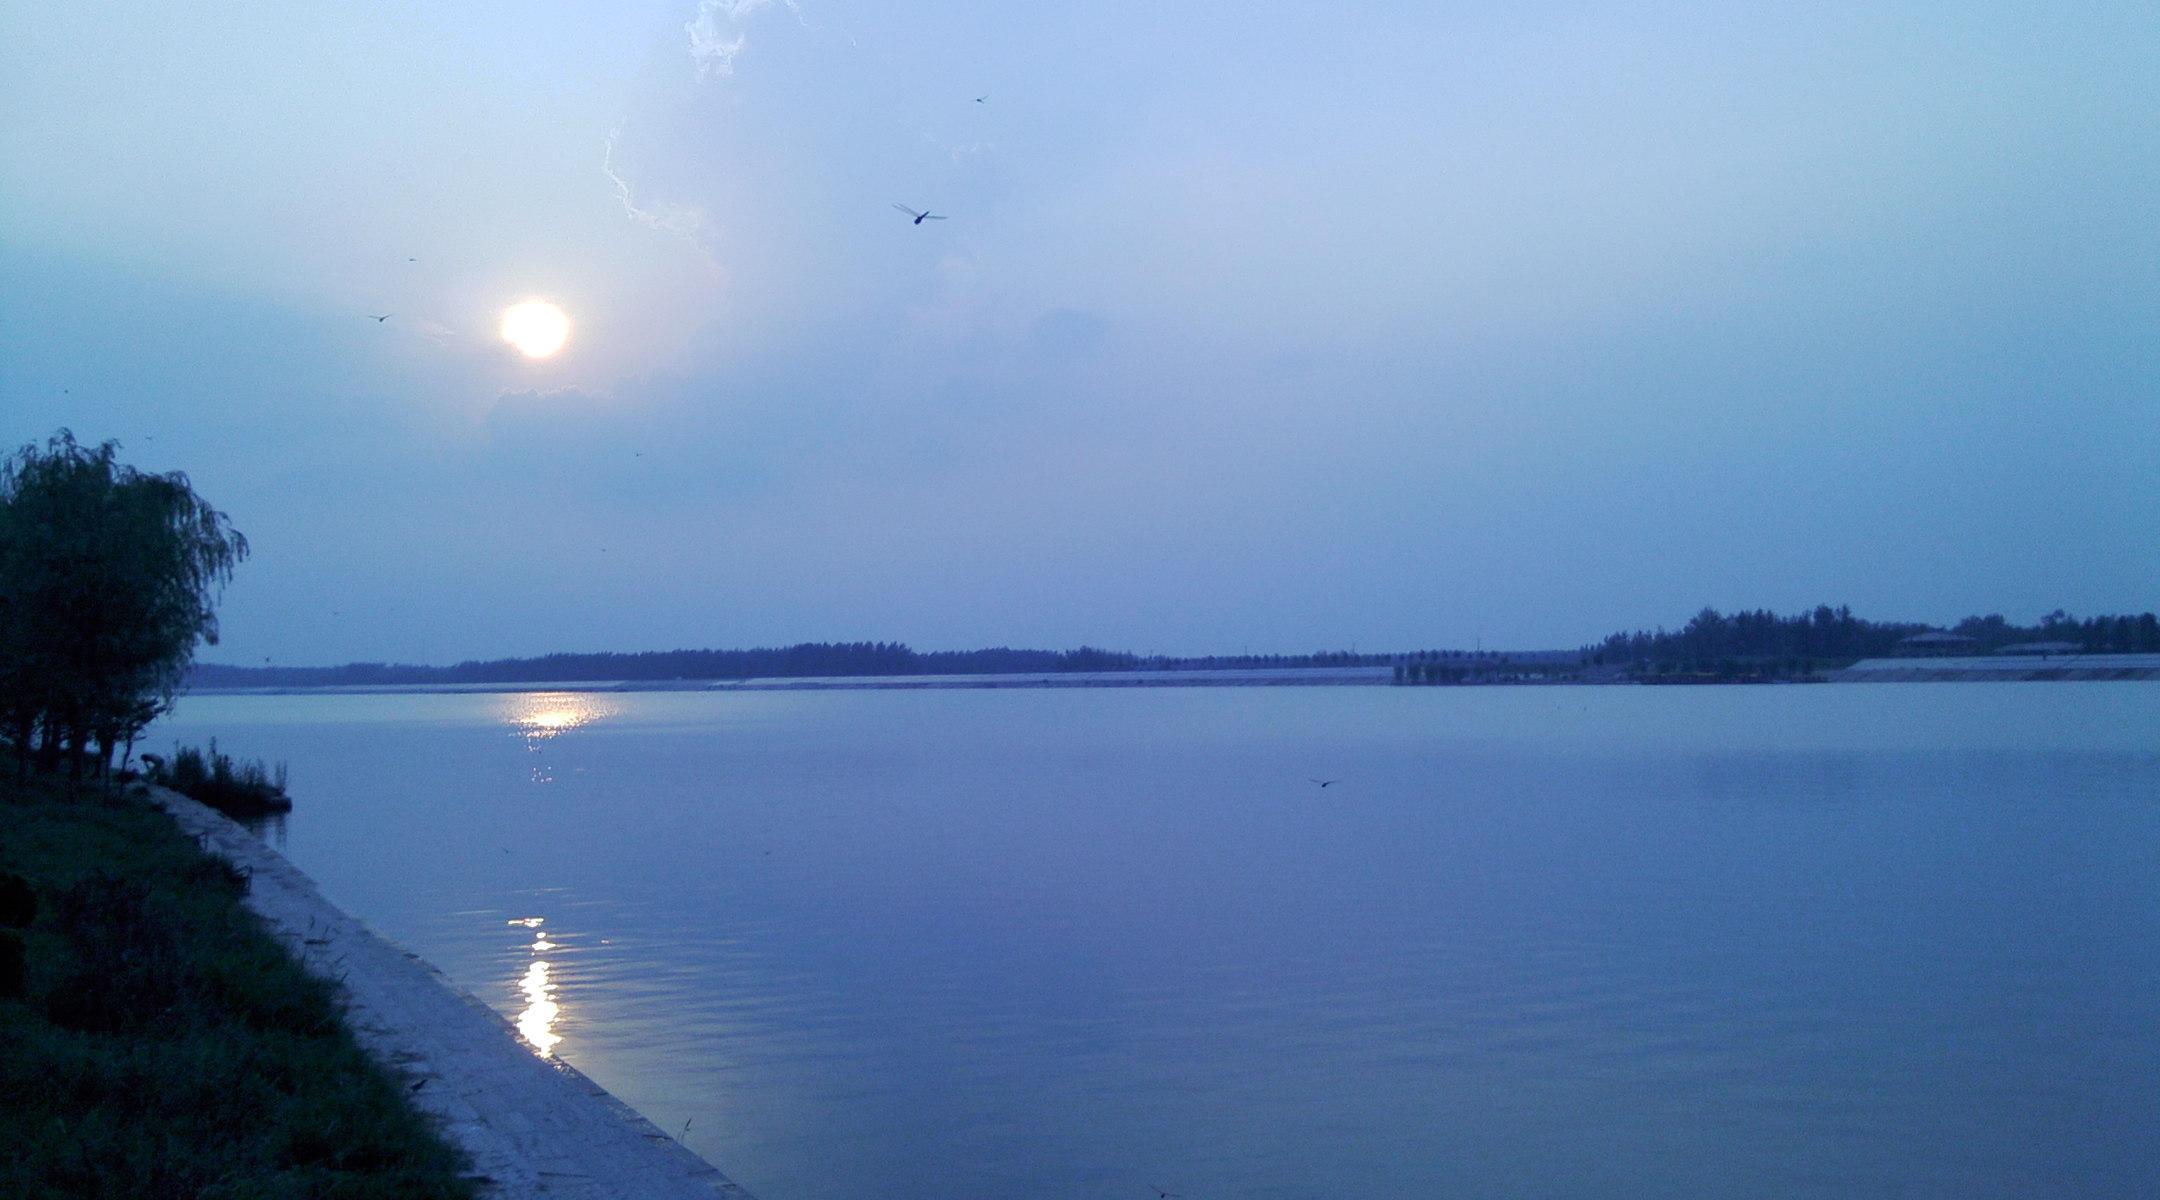 浮龙湖 浮龙湖,位于山东省菏泽市单县境内,是明朝黄河决口冲击而形成的平原湖泊,南北宽2.5公里,东西长10公里,由浮龙湖、月亮湾两部分组成。建有浮龙湖旅游度假区,规划面积50平方公里,核心区25平方公里。浮龙湖由三部分组成,分别是黄河故道湿地景观区、浮龙湖水上休闲娱乐区、森林公园生态体验区。 浮龙湖平均水深3-6米,库容约1亿立方米,整体水位西浅东深。浮龙湖生态环境良好,芦苇蒲草成方连片,荷叶莲花婆娑摇曳,亭亭玉立,灰鹤、白鹳、野鸭争相觅食,筑巢栖息。置身湖中俨然天然氧吧,给人以清新之感。目前,浮龙湖生